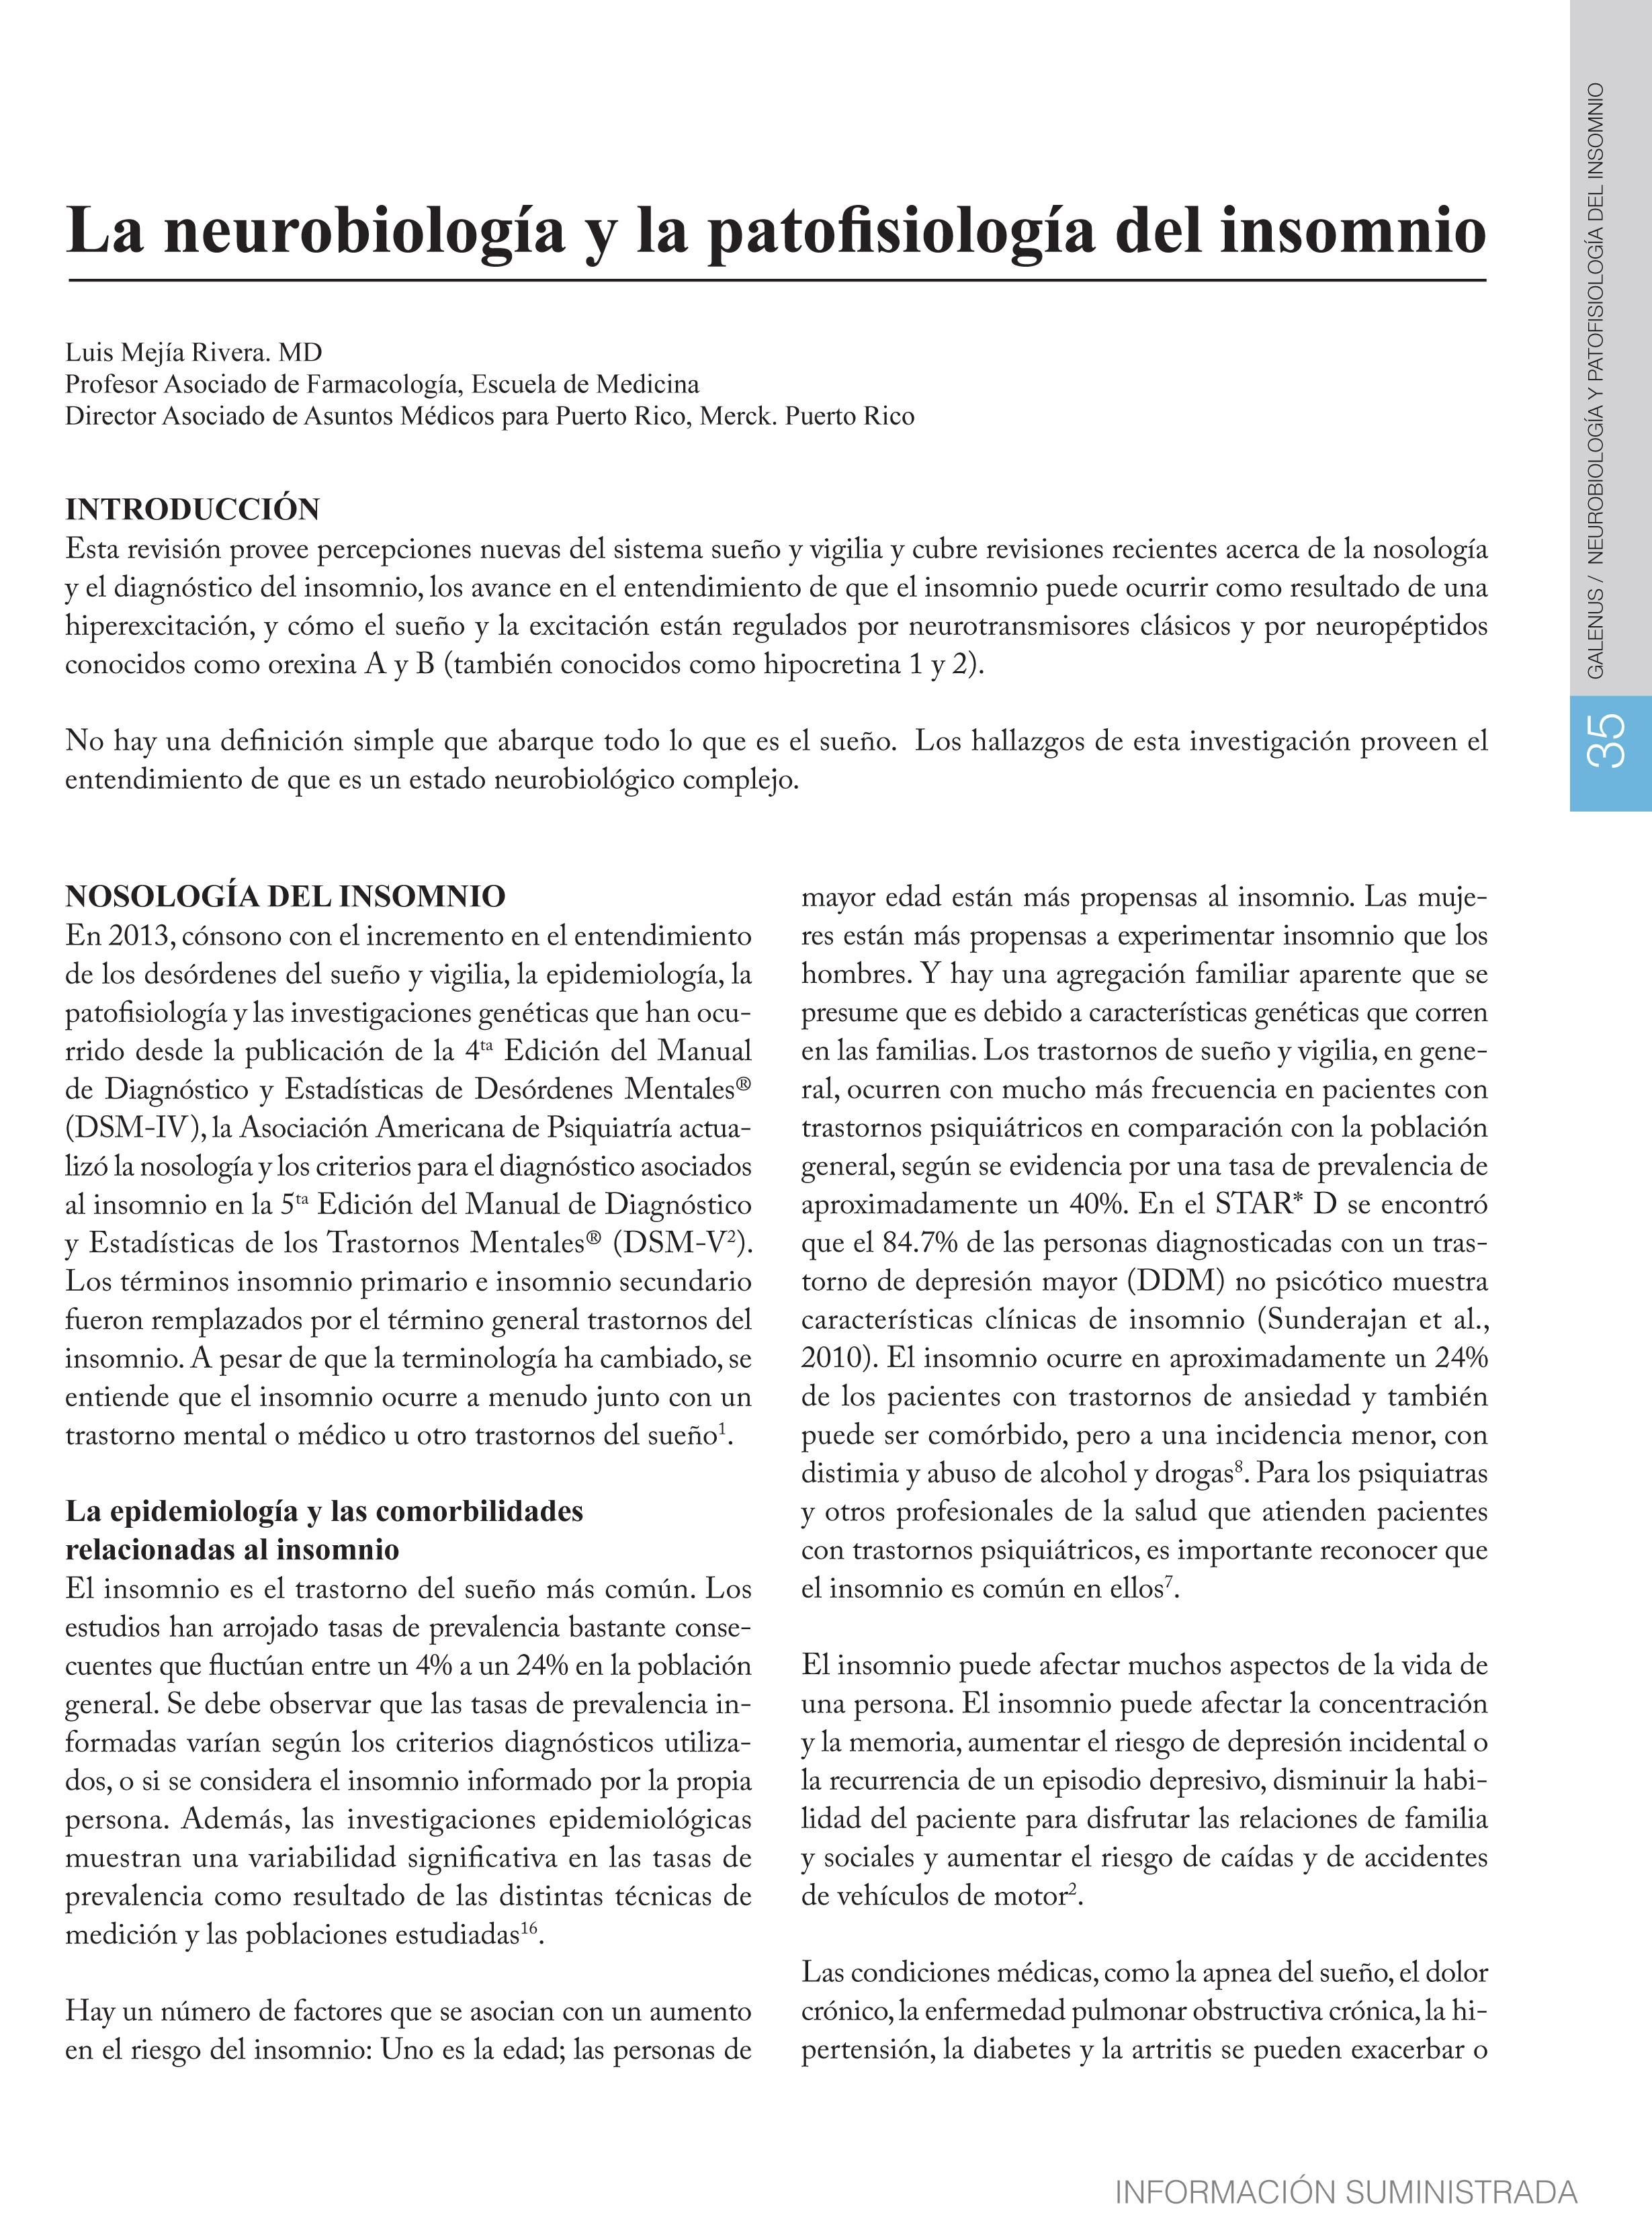 La neurobiología y la patofisiología del insomnio